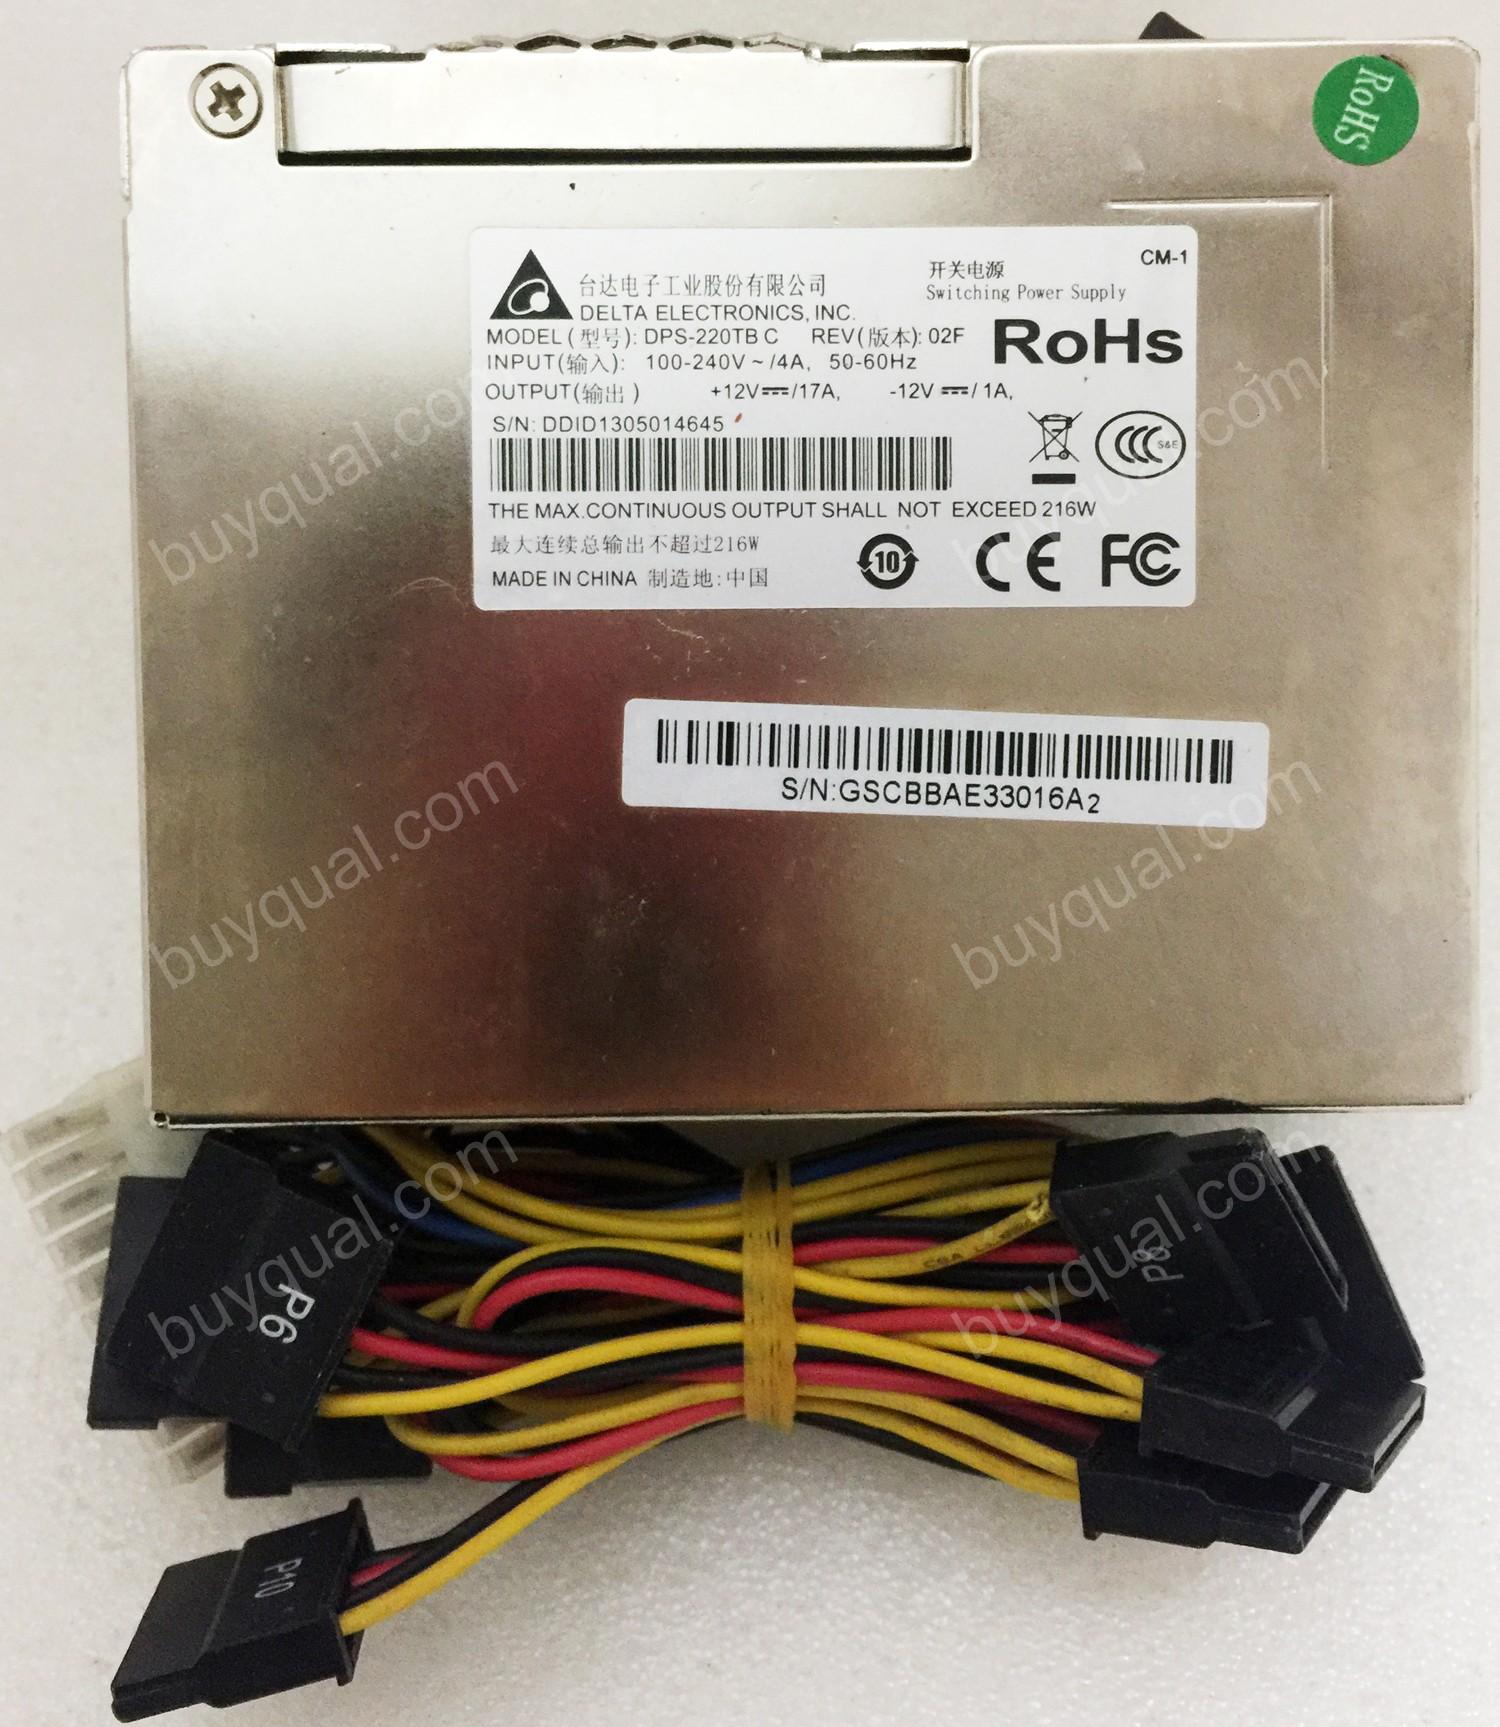 Delta DPS-220TB (A B C) Power Supply Board